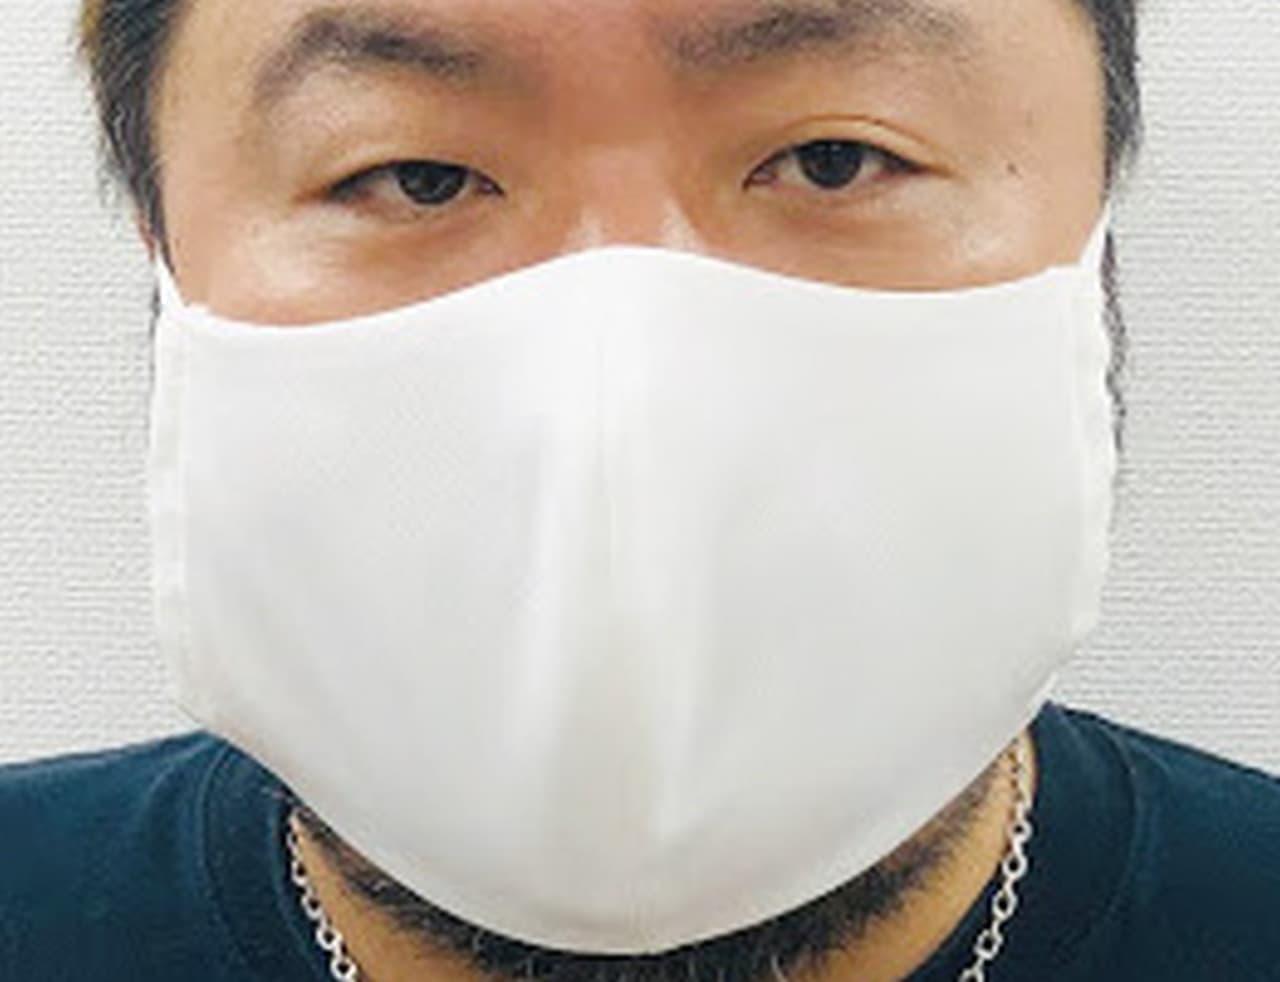 大きい!だから日焼けしない 「焼かないメガ布マスク」販売開始 - 小顔見せ効果も?